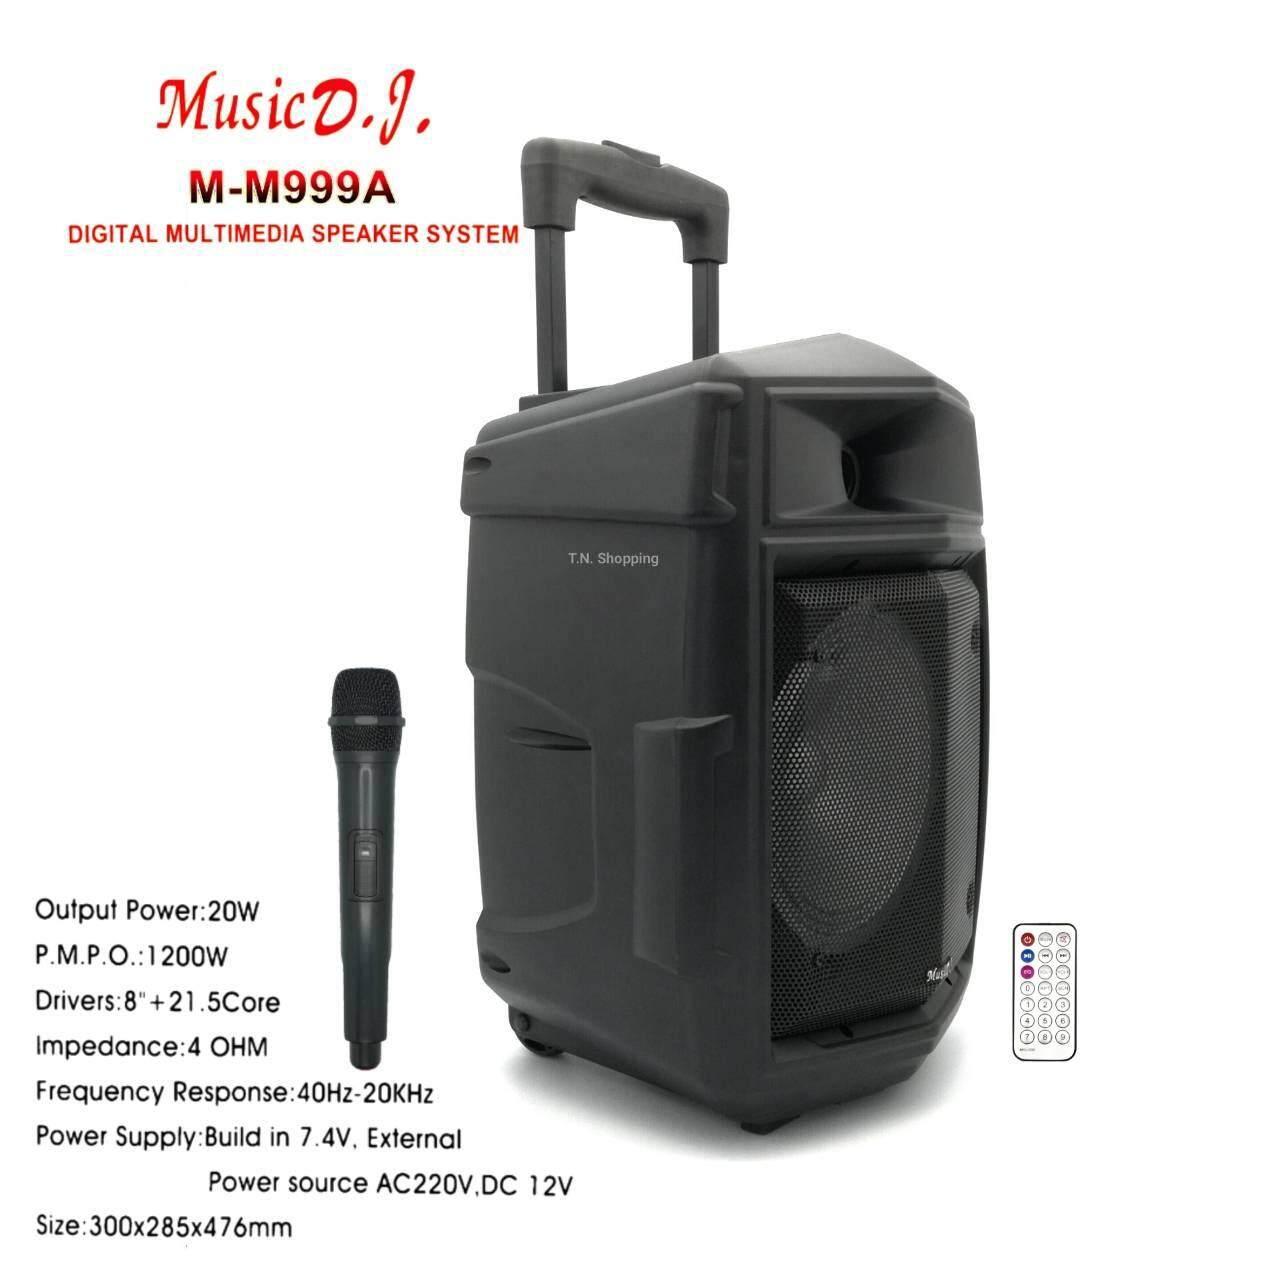 ฉลองยอดขายอันดับ 1 ลดราคา เครื่องเสียงและโฮมเธียร์เตอร์ Music D.J Music D.J. ลำโพงคาราโอเกะ ลำโพงเคลื่อนที่ รุ่น M-M999A มีของแถม ส่งฟรี